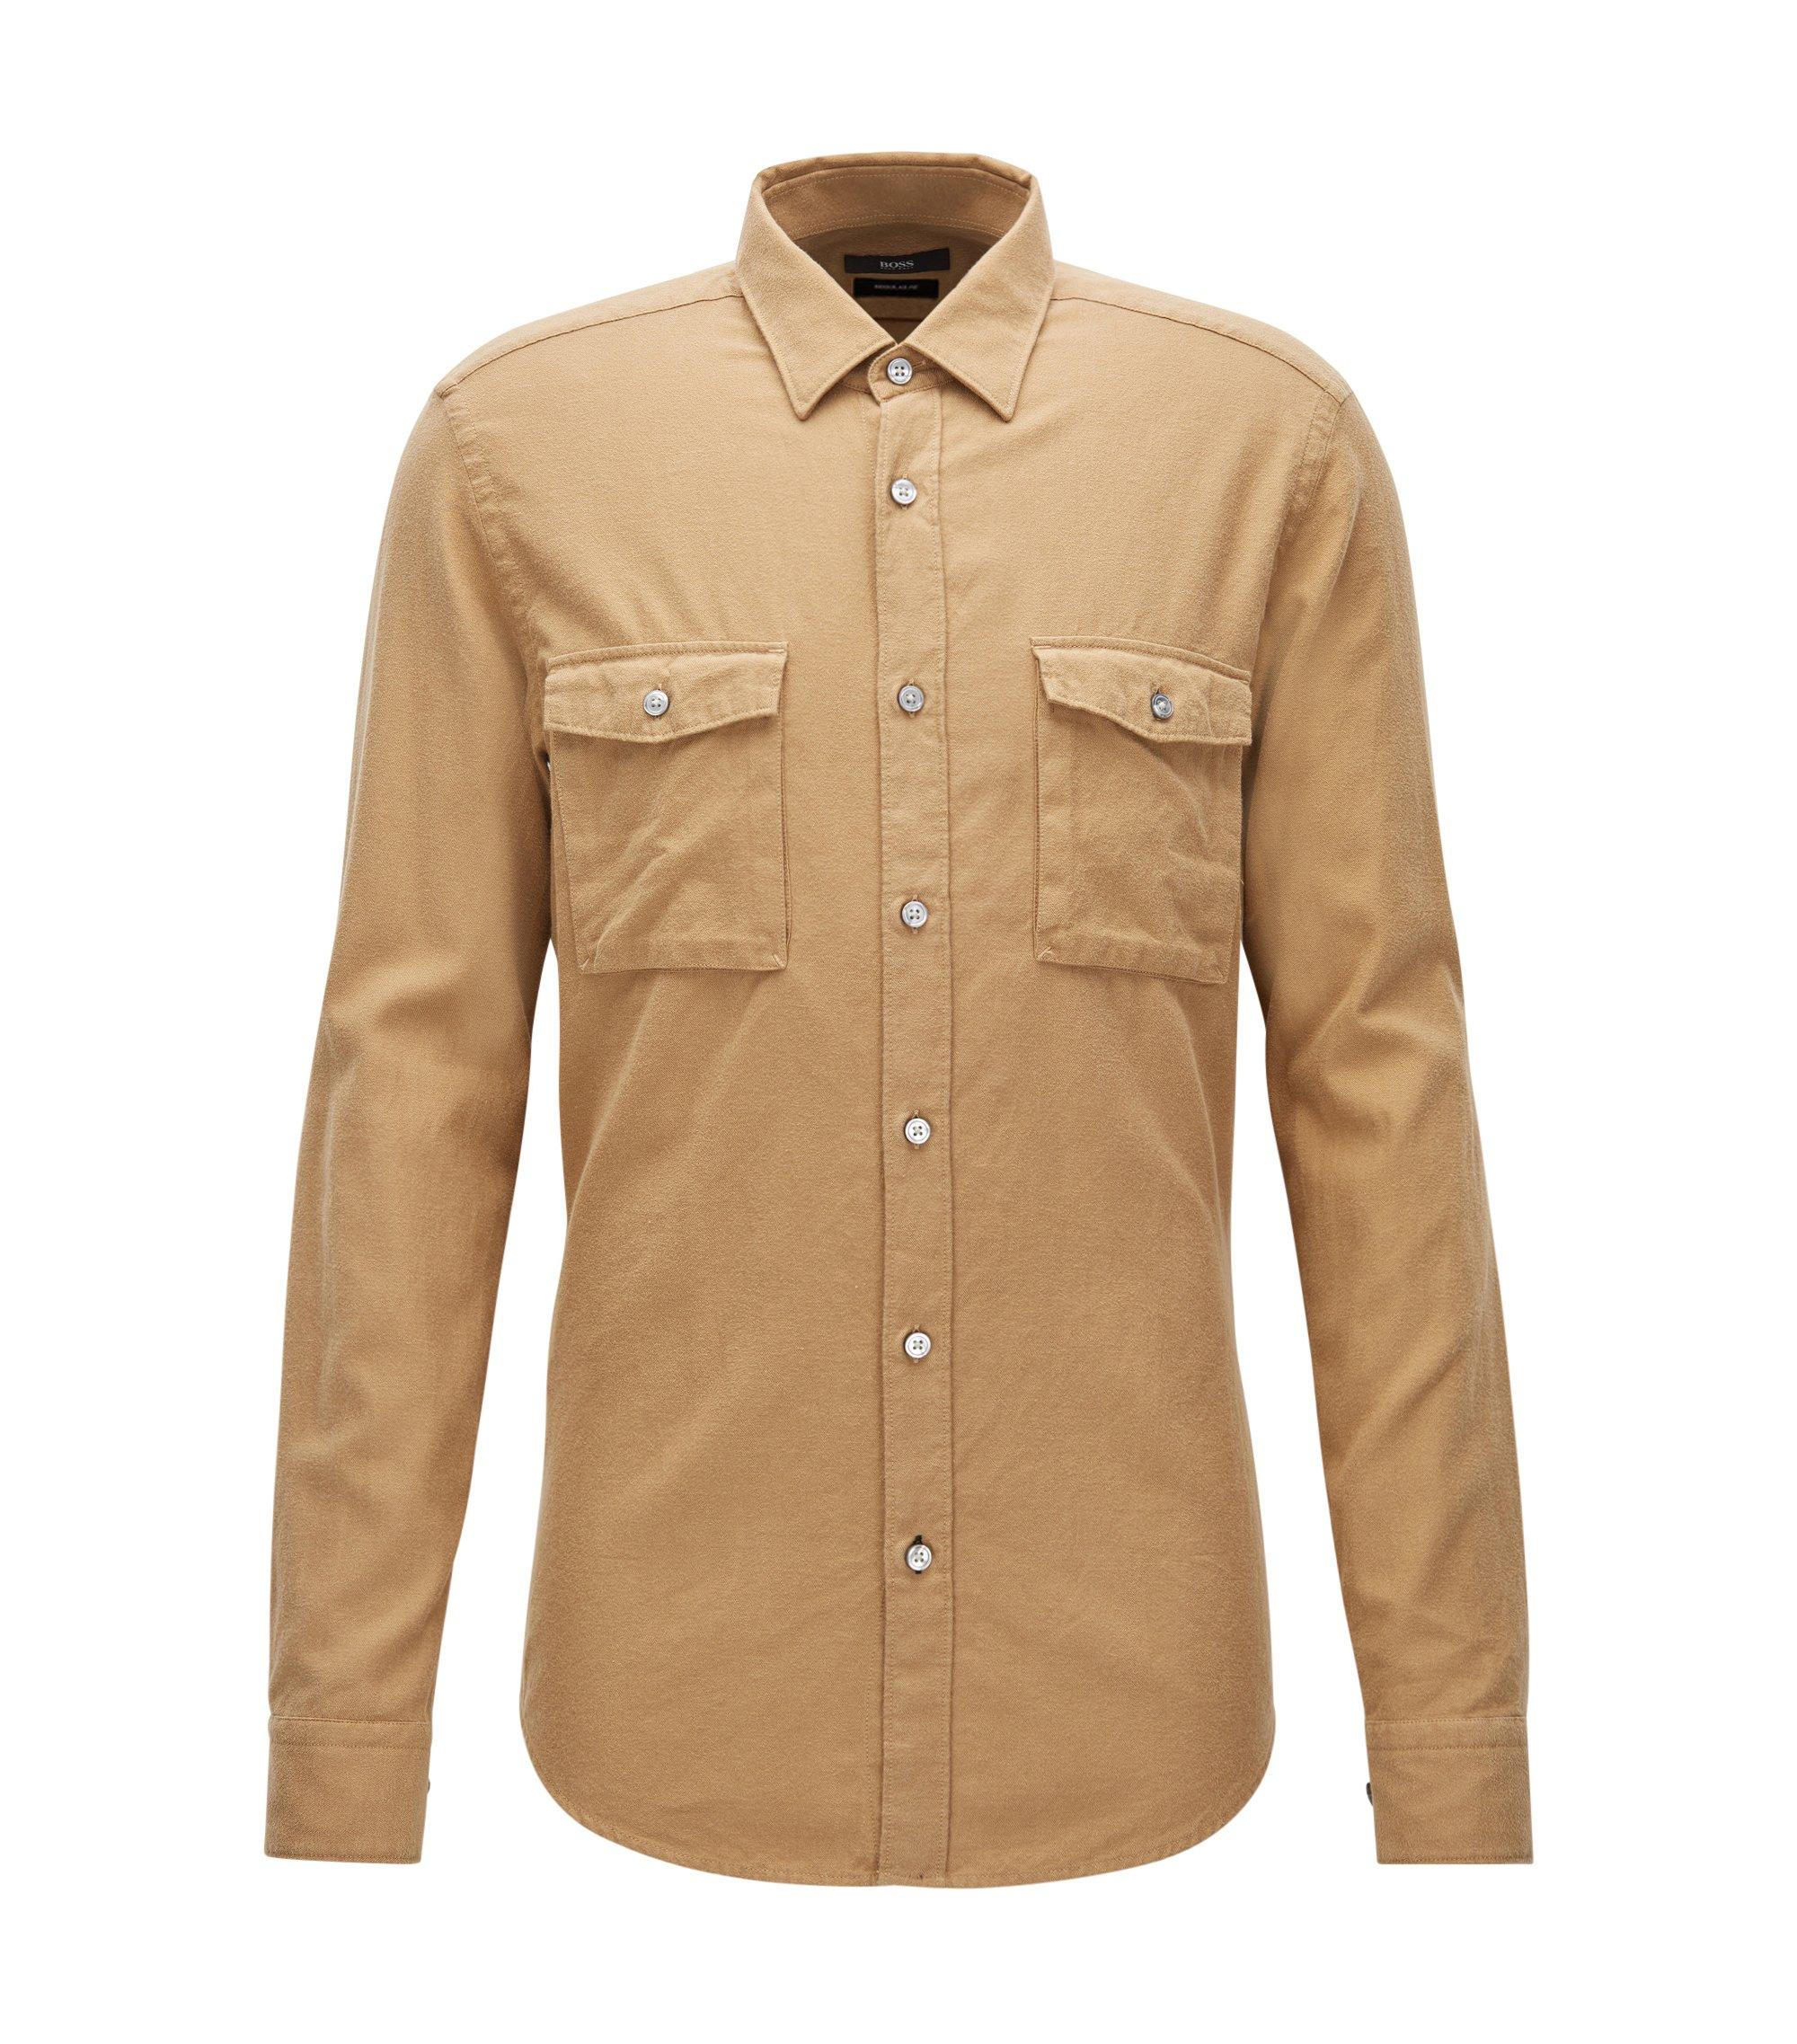 Cotton Sport Shirt, Regular Fit | Lorin, Beige